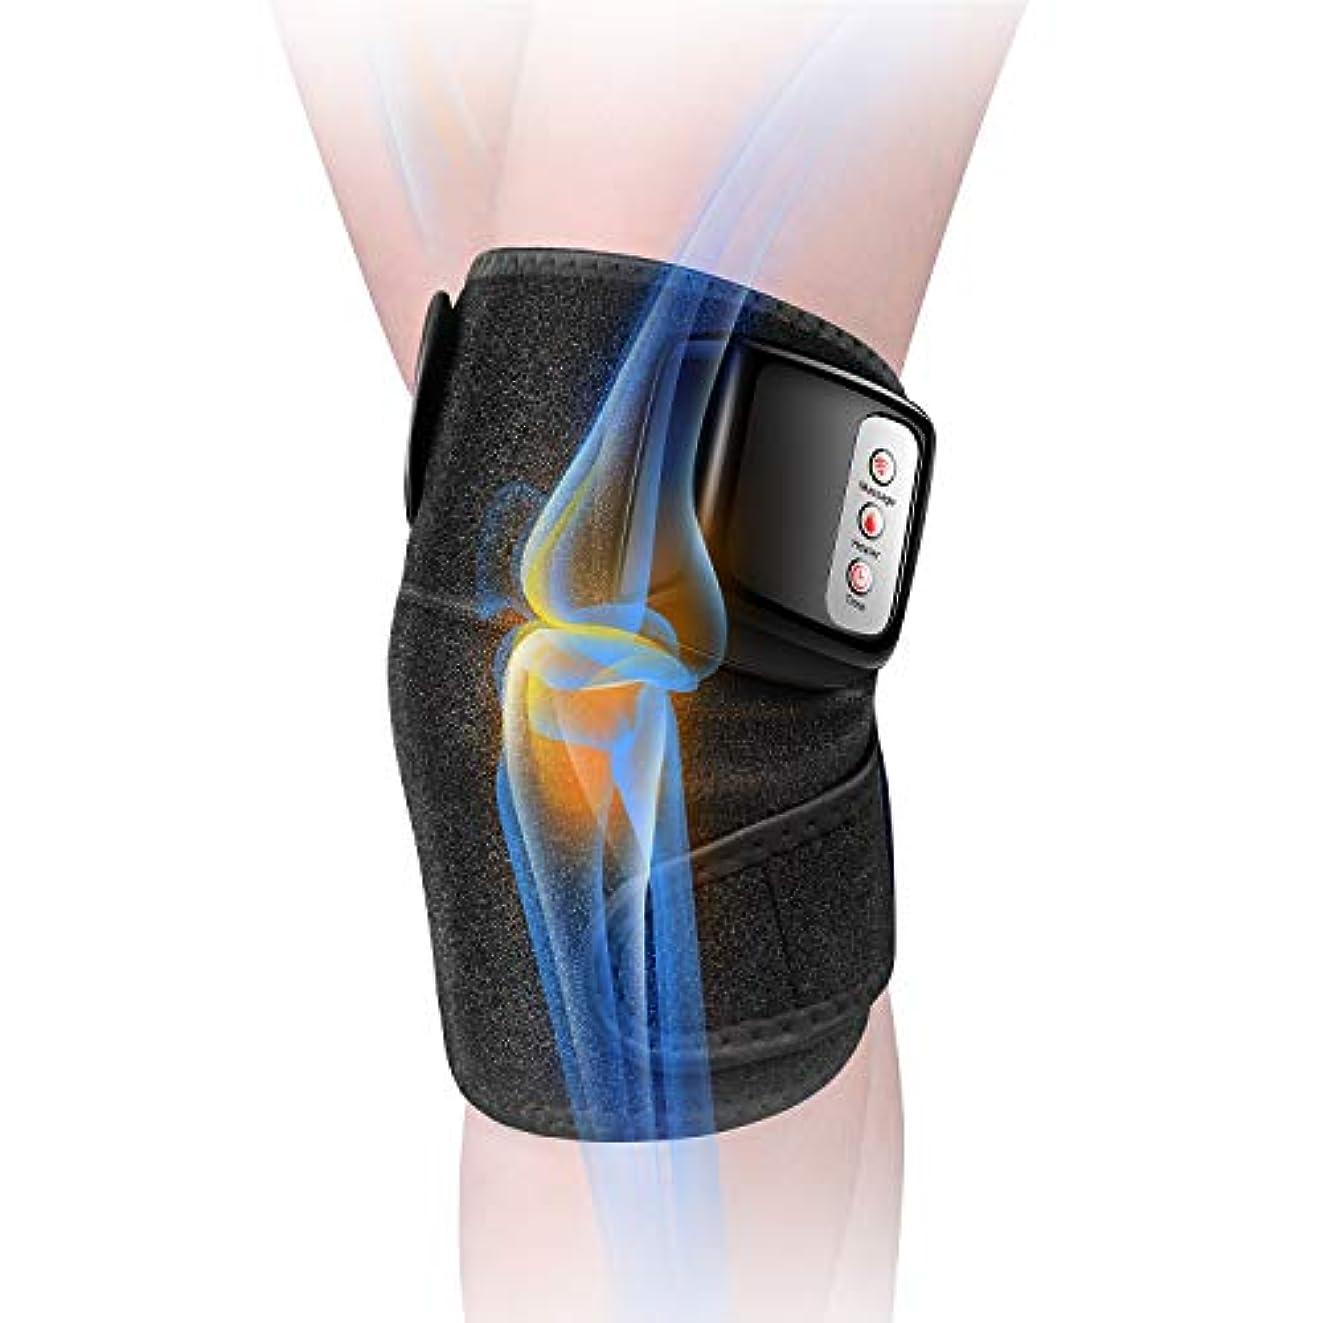 いいね教室倫理膝マッサージャー 関節マッサージャー マッサージ器 フットマッサージャー 振動 赤外線療法 温熱療法 膝サポーター ストレス解消 肩 太もも/腕対応